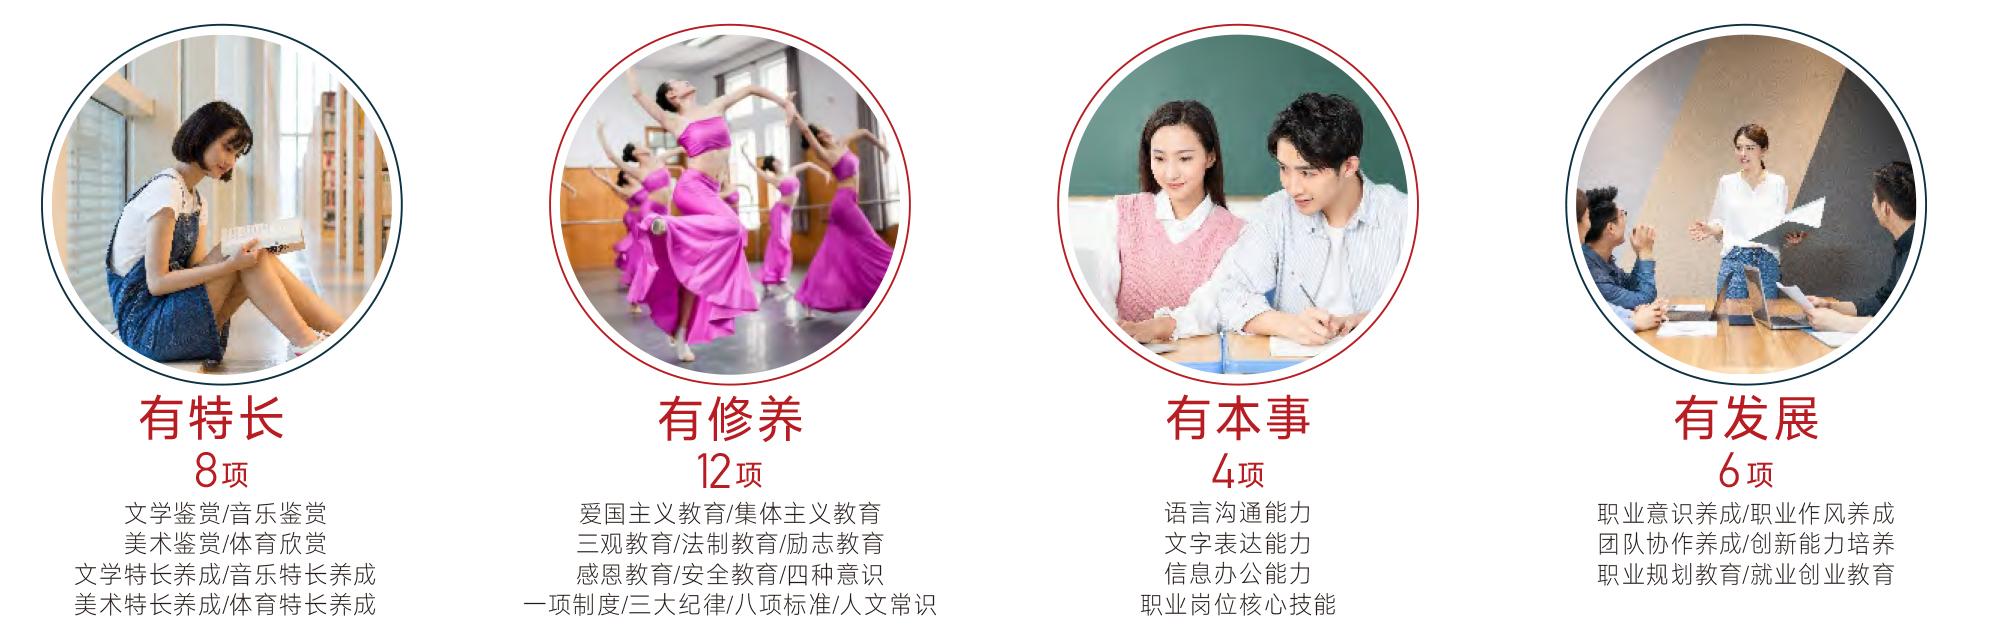 宜昌城市職業技術學校(2020宣傳畫冊)-4.jpg